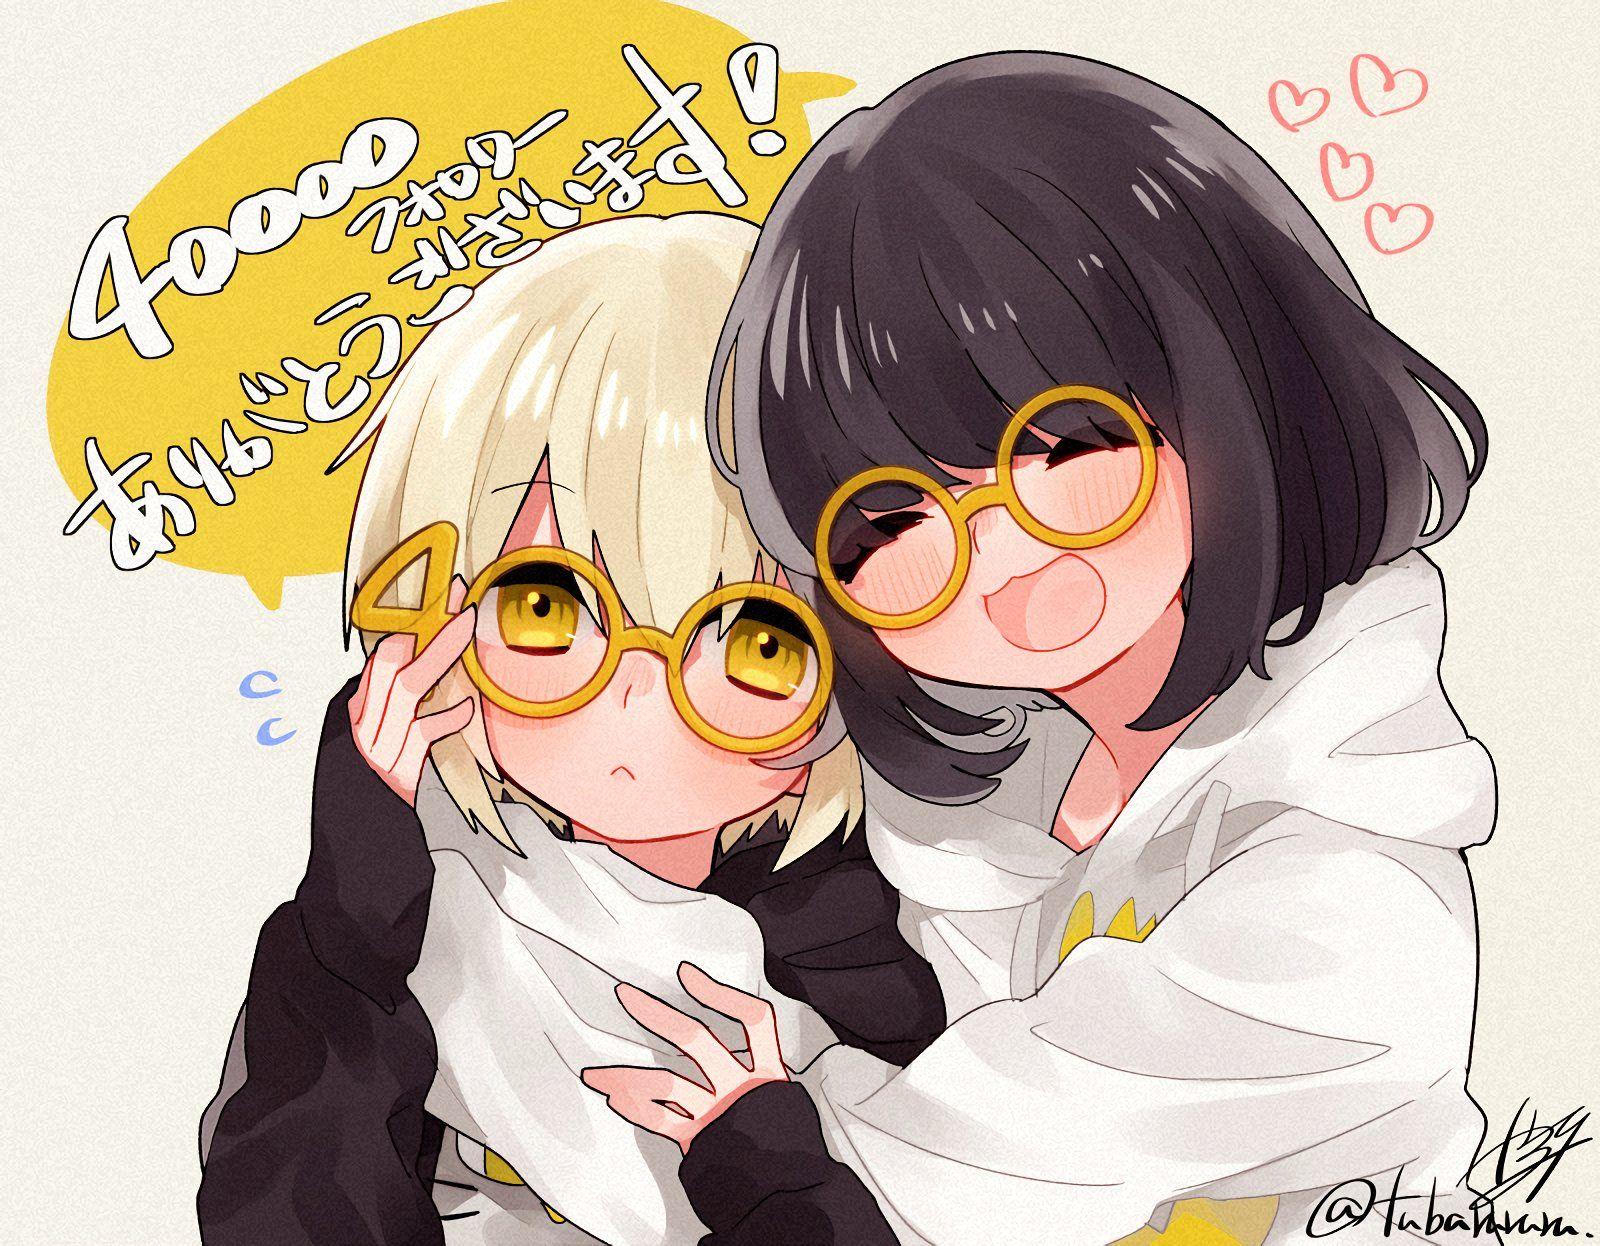 椿つばる On Twitter Friend Anime Anime Art Girl Anime Drawings Sketches